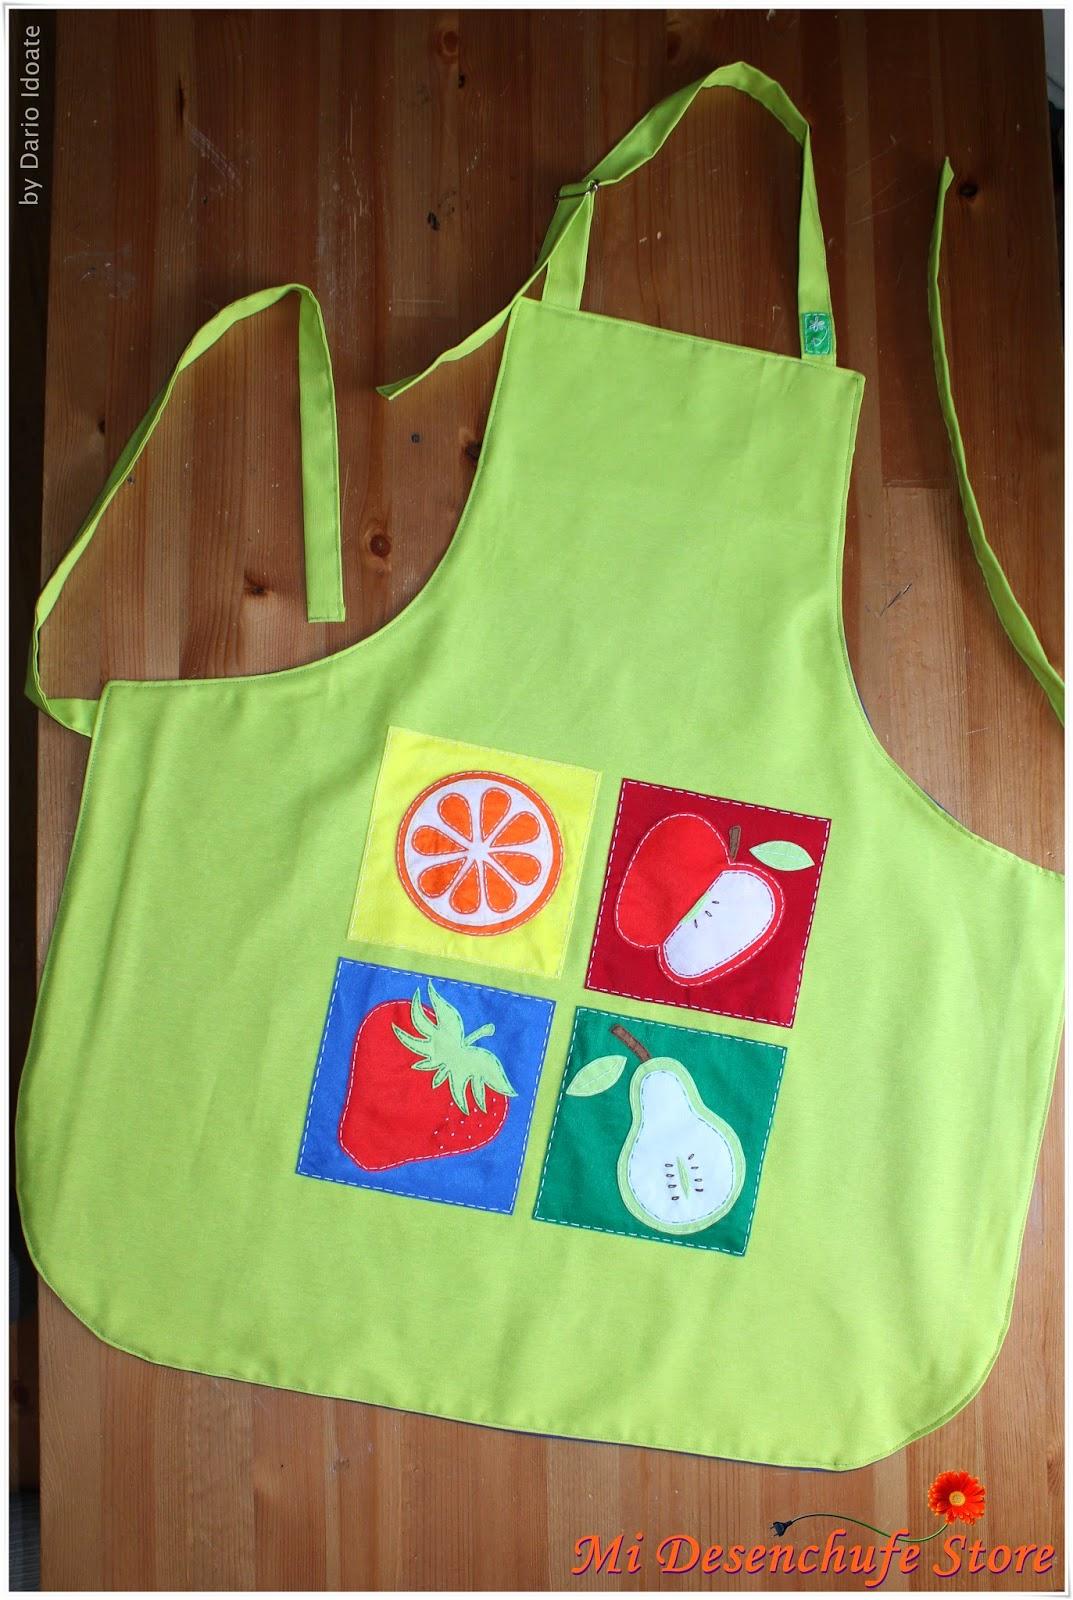 Mi desenchufe store delantal cocina va de frutas for Delantales para ninos cocina